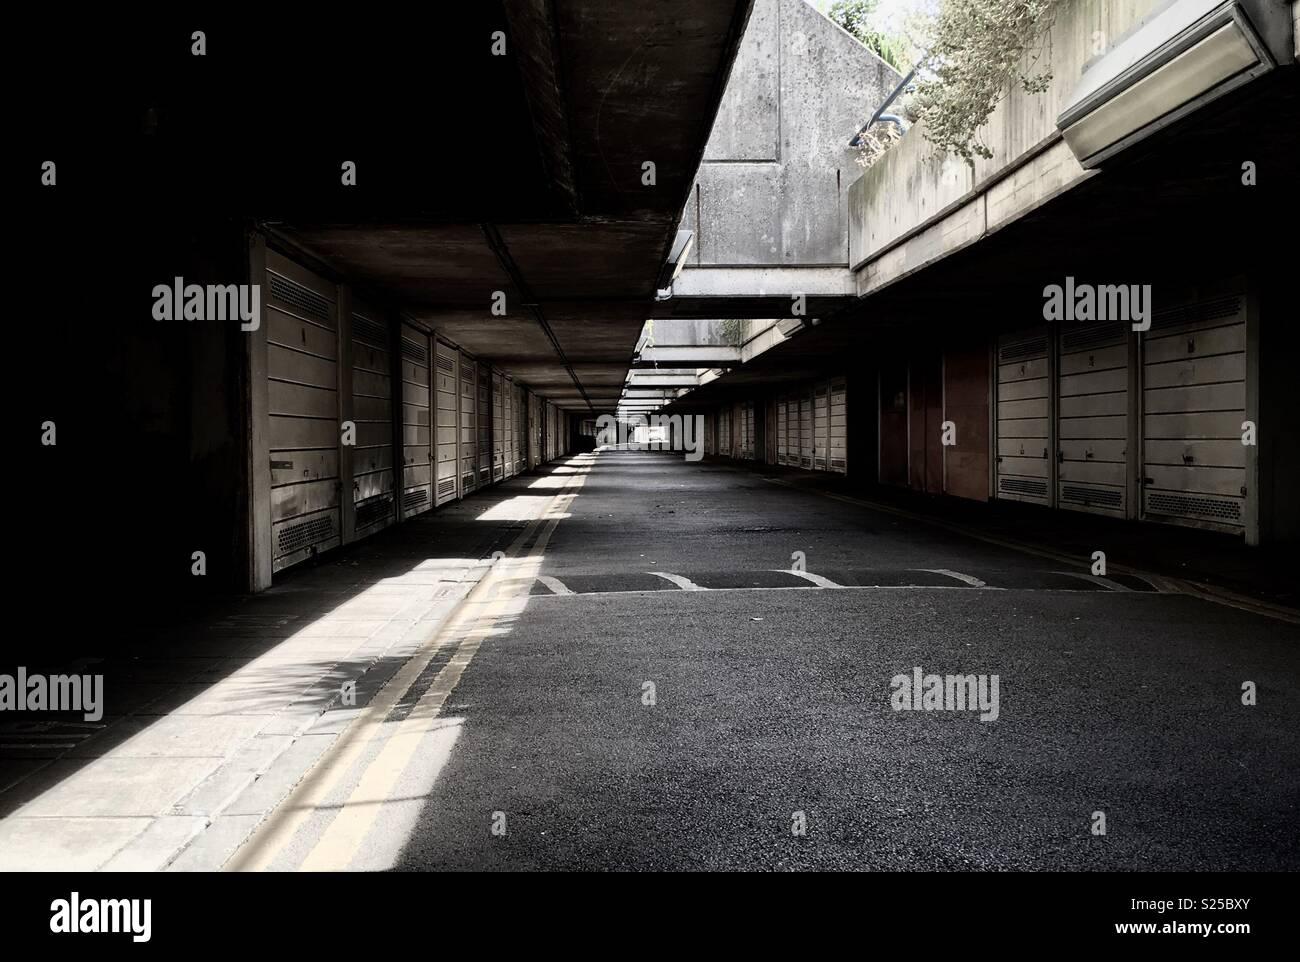 Garaje subterráneo con luz y sombra. Imagen De Stock